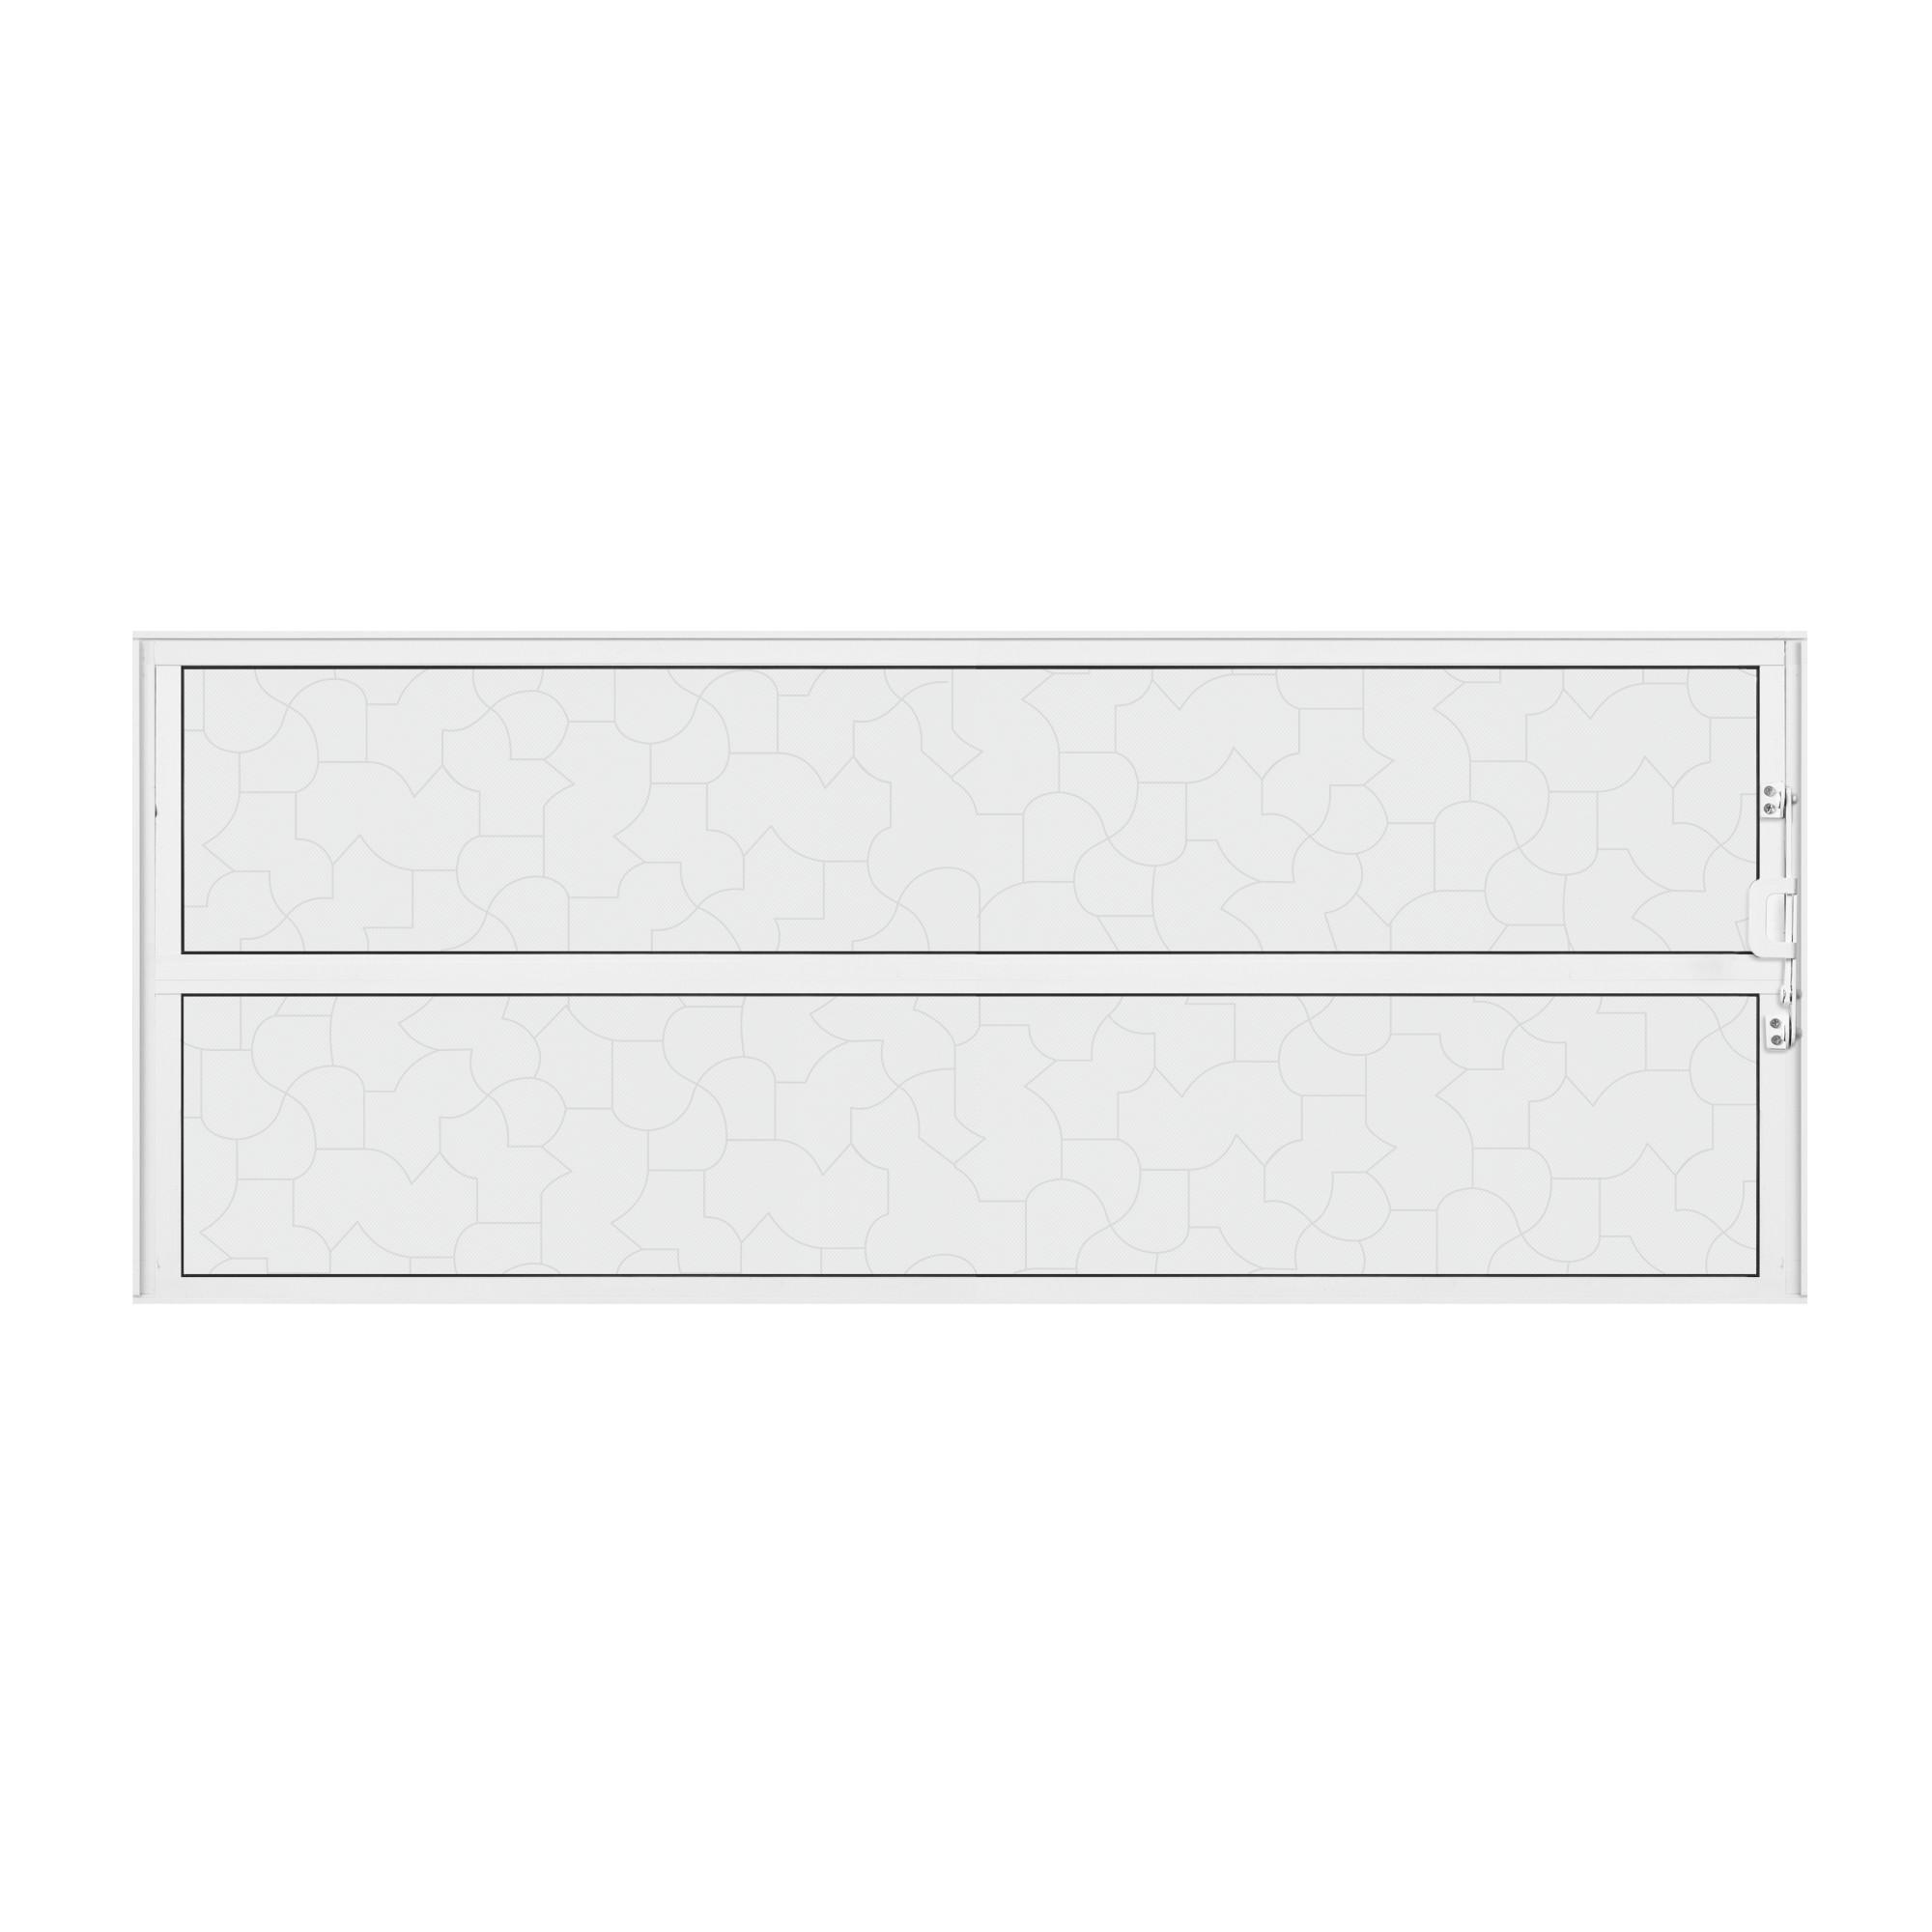 Janela Basculante Aluminio 40x100 cm Branco - Aluvid